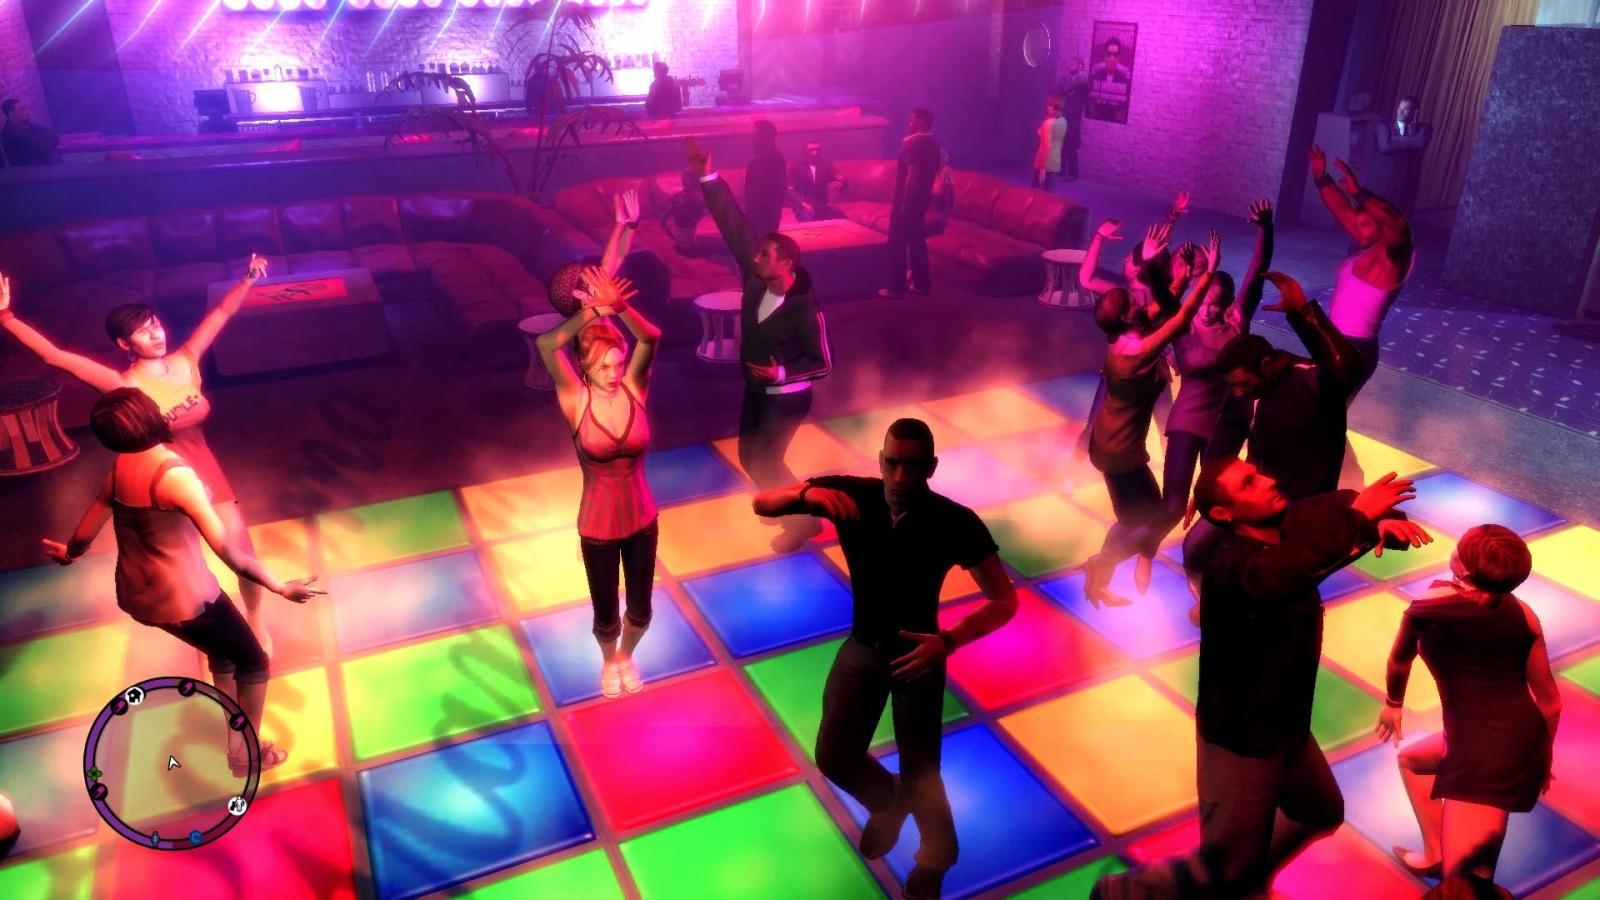 Gta 5 Nightclub Rehberi